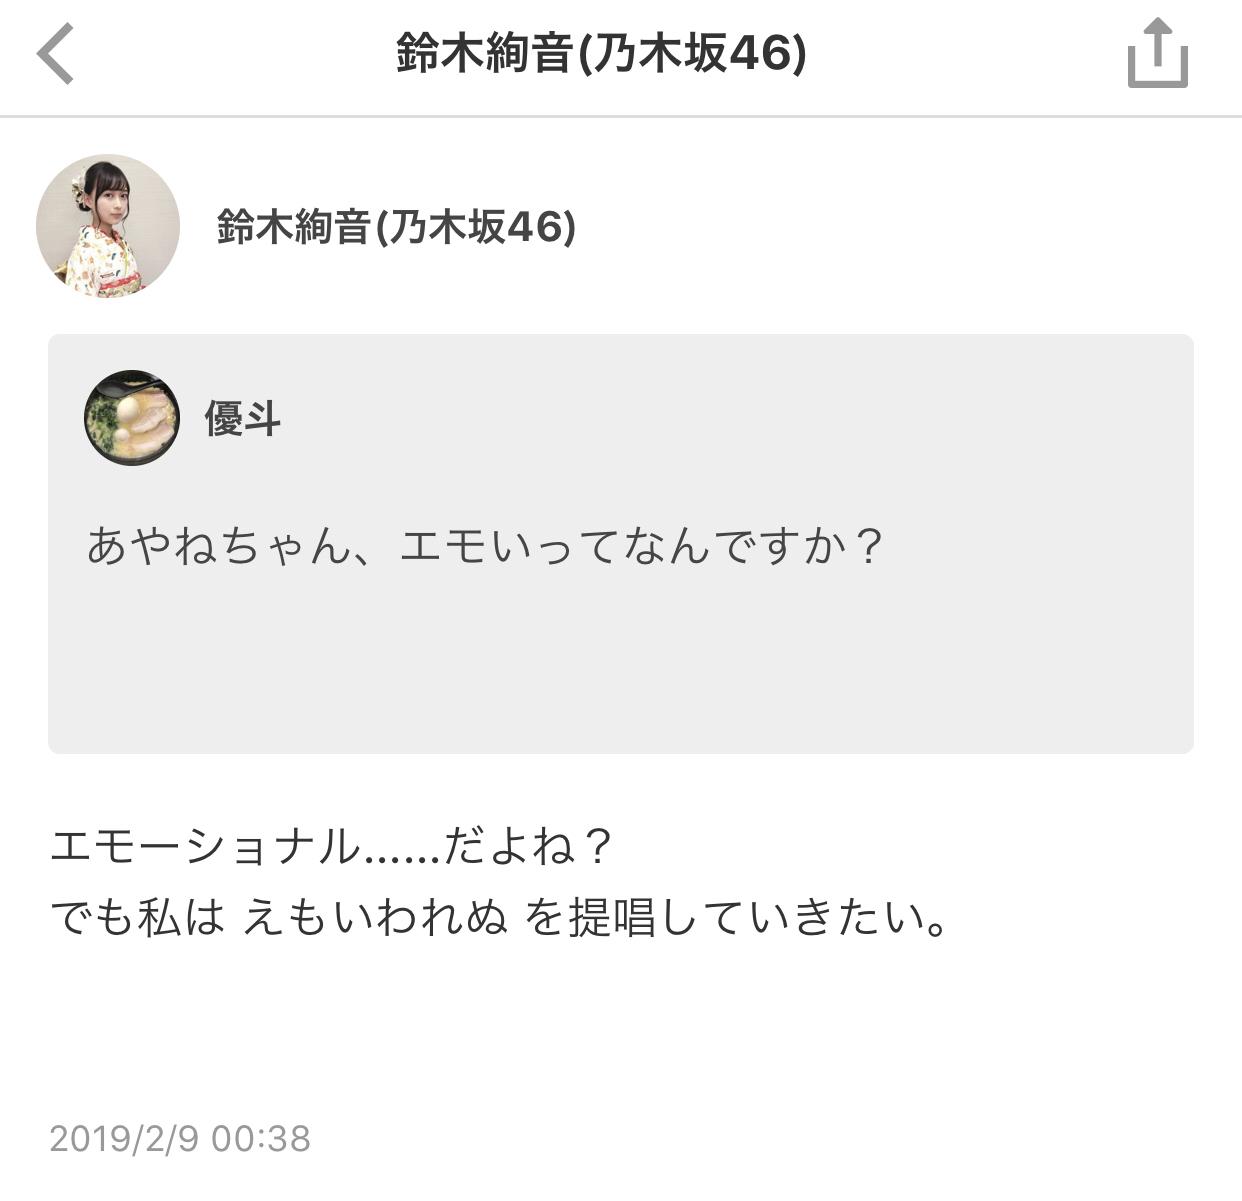 鈴木絢音 エモい